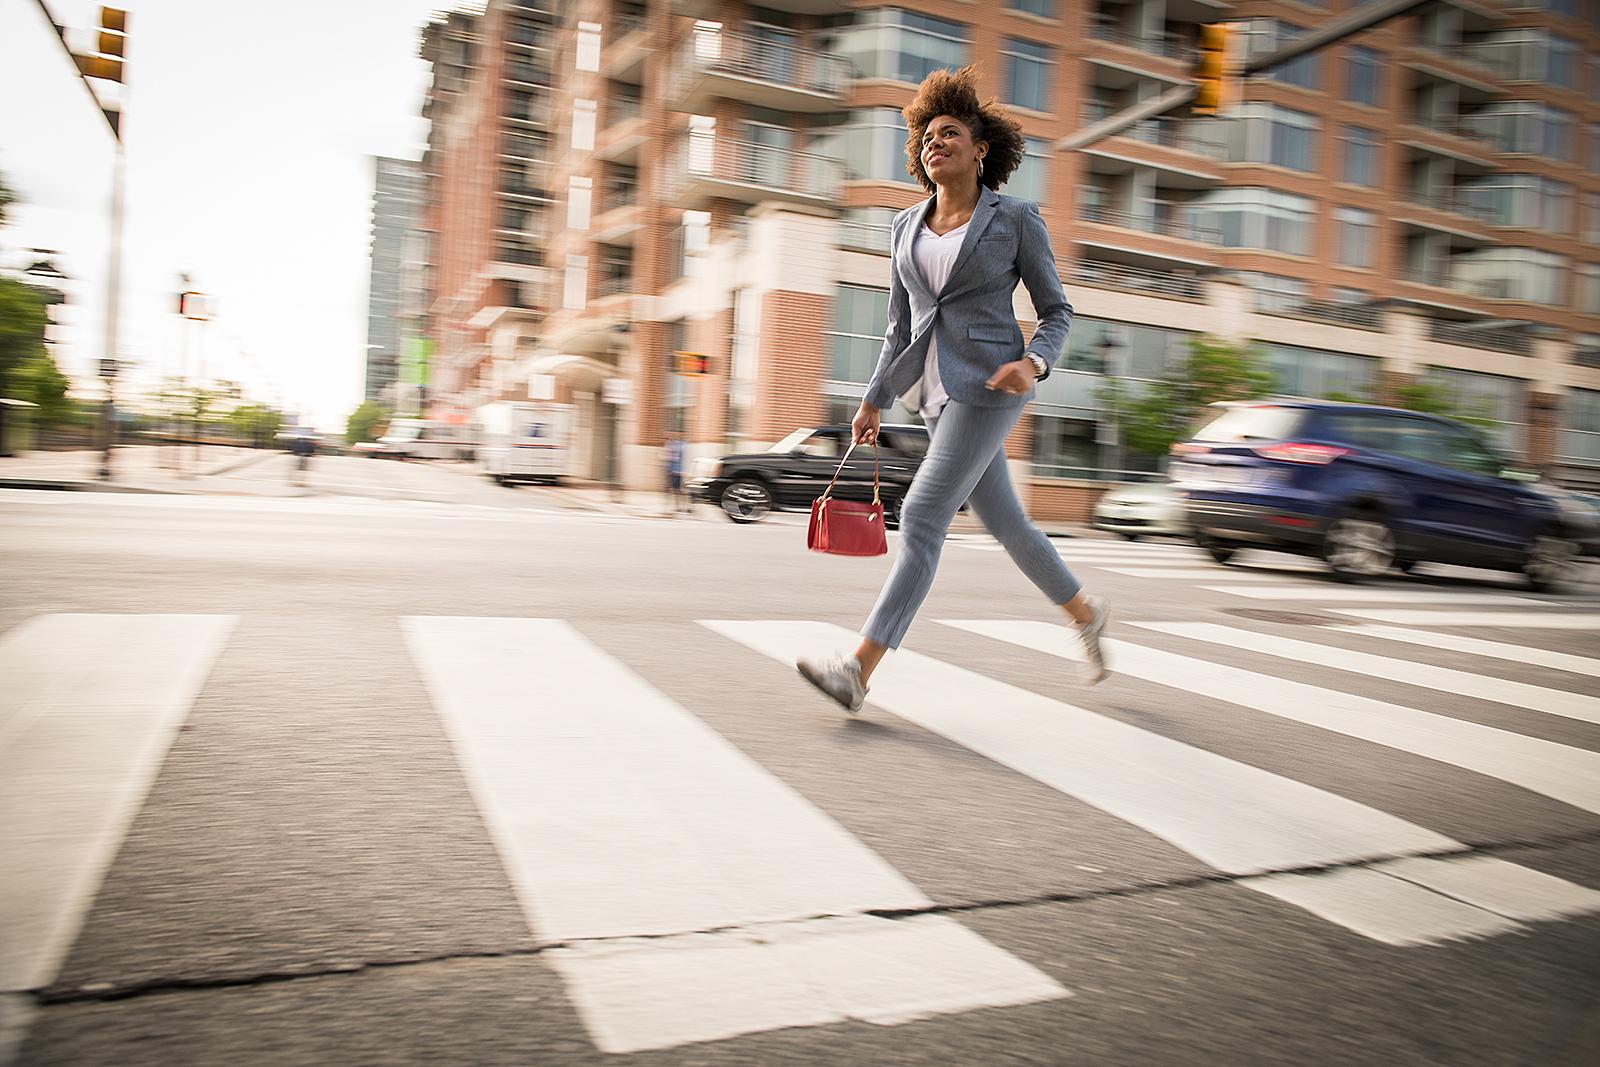 UMUC_Street_crossing.jpg